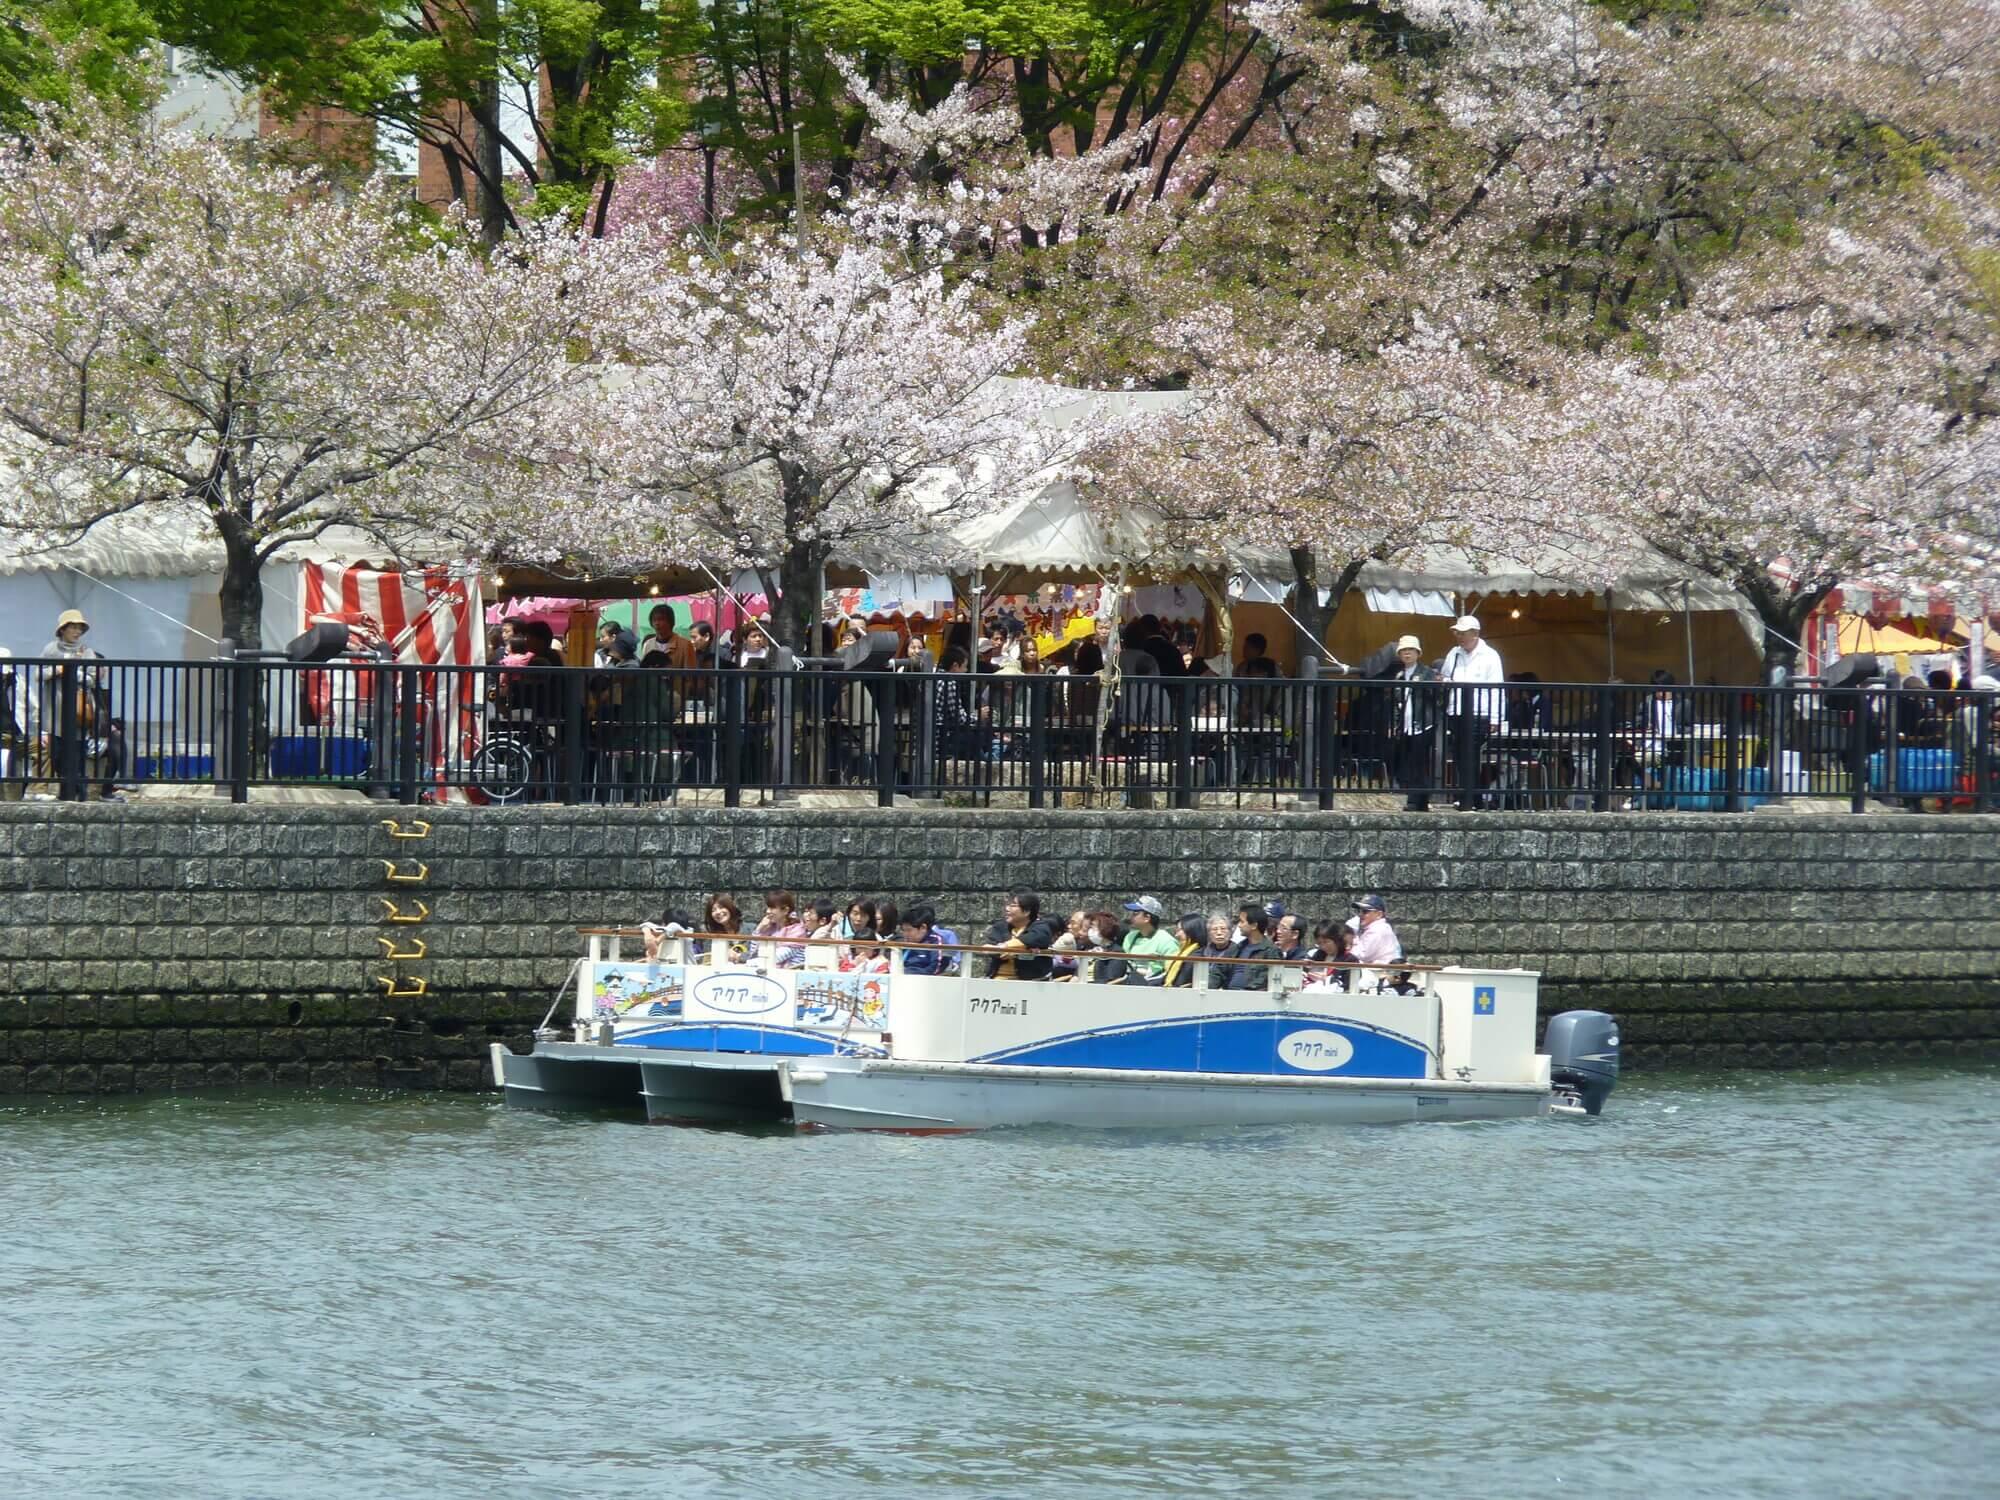 11社が参加する大阪シティクルーズ推進協議会が運営する「大川さくらクルーズ」。みんなで一丸となって、大阪の水上観光を盛り上げようとしています。(画像は昨年のものです)